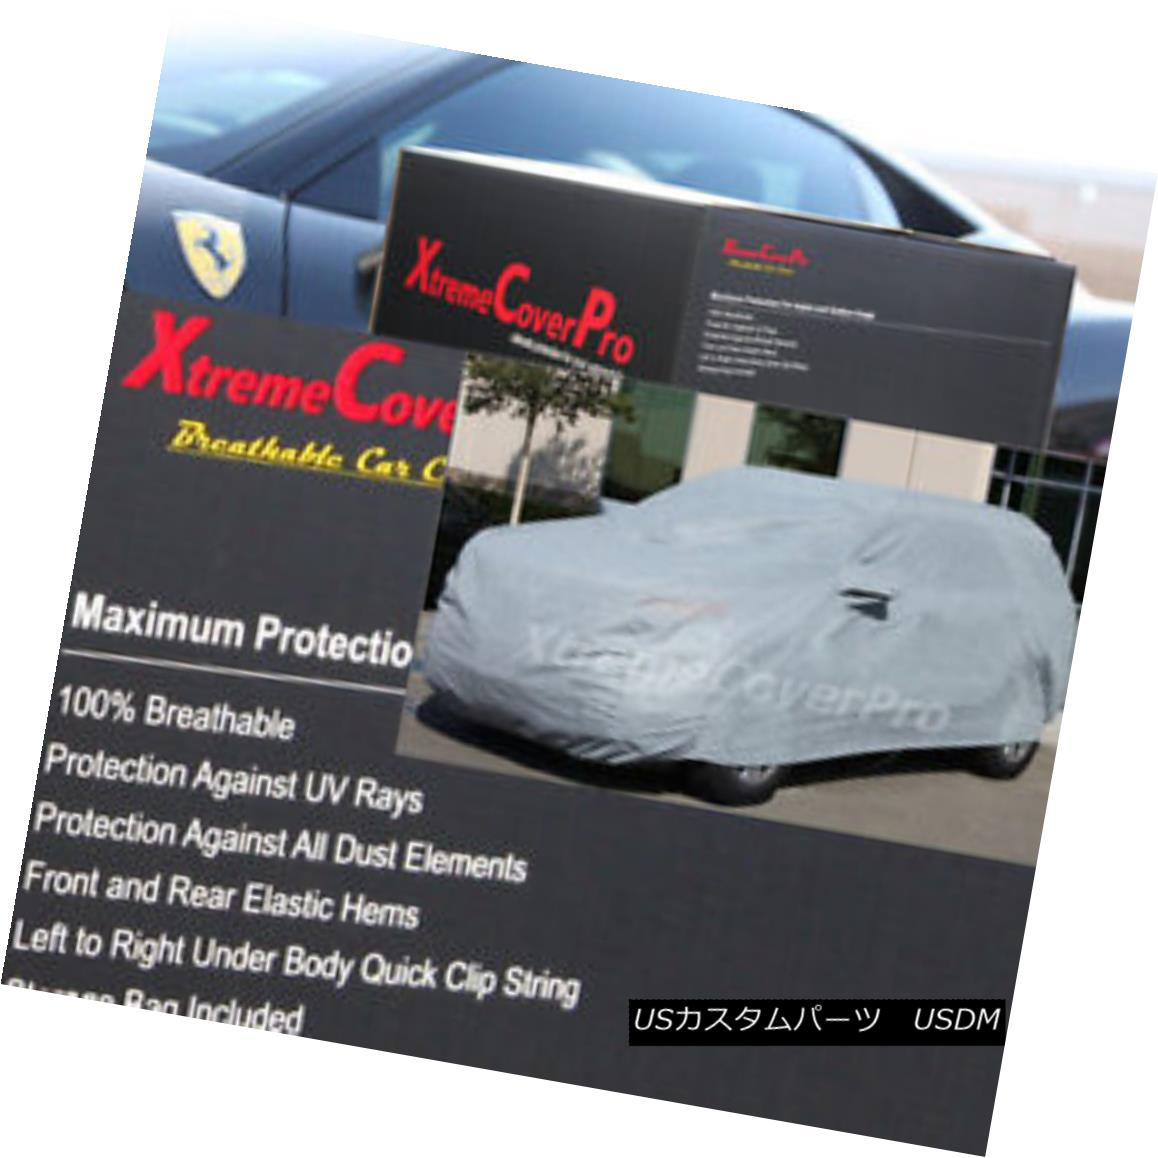 カーカバー 2015 HONDA CR-V Breathable Car Cover w/Mirror Pockets - Gray 2015 HONDA CR-V通気性の車カバー、ミラーポケット付き - グレー